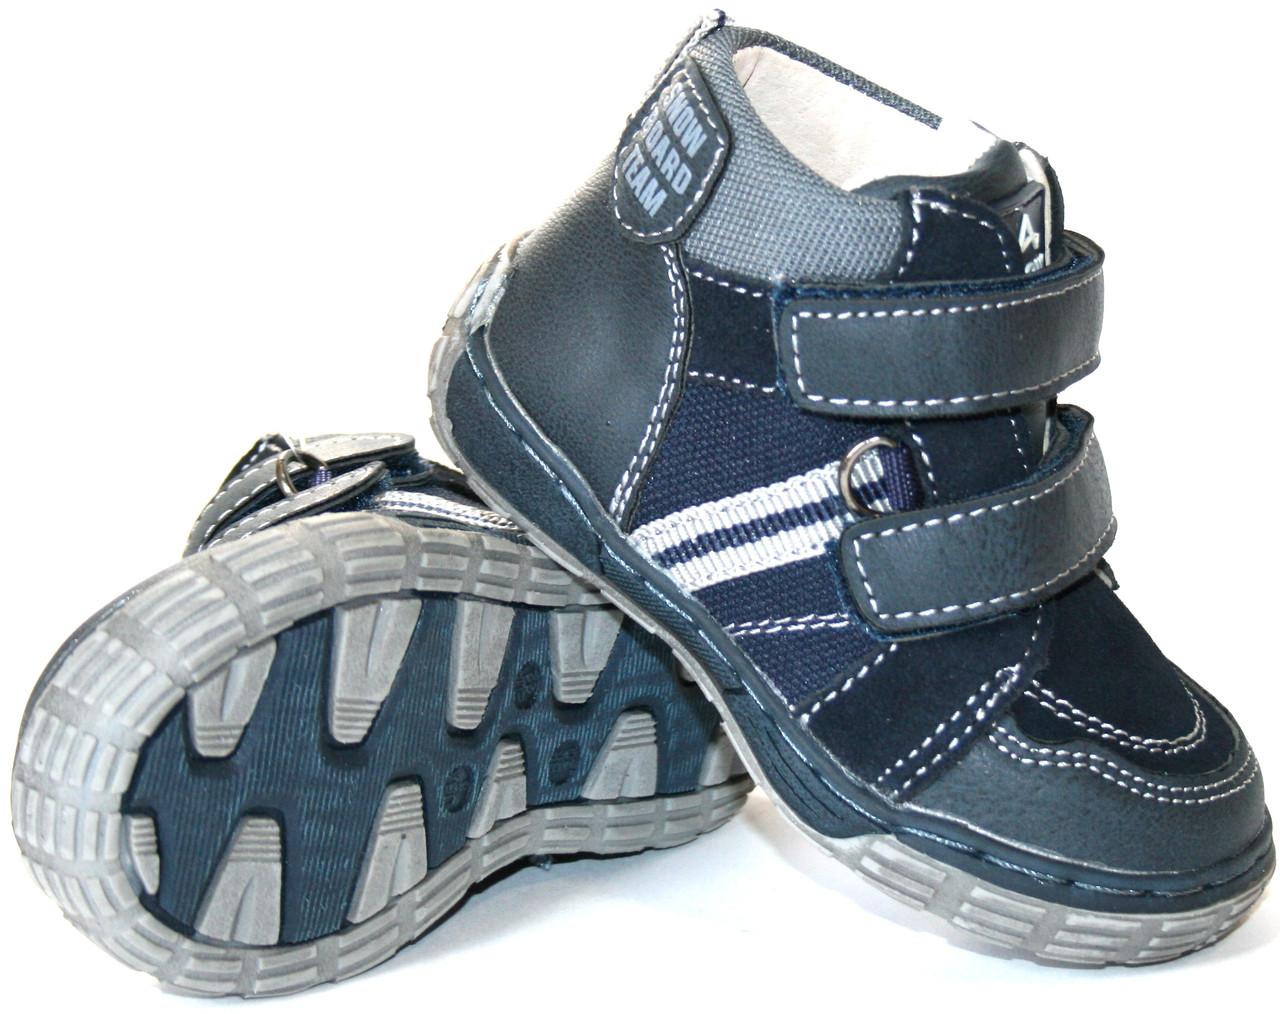 Дитячі брендові черевички від ТМ Balducci 20-27